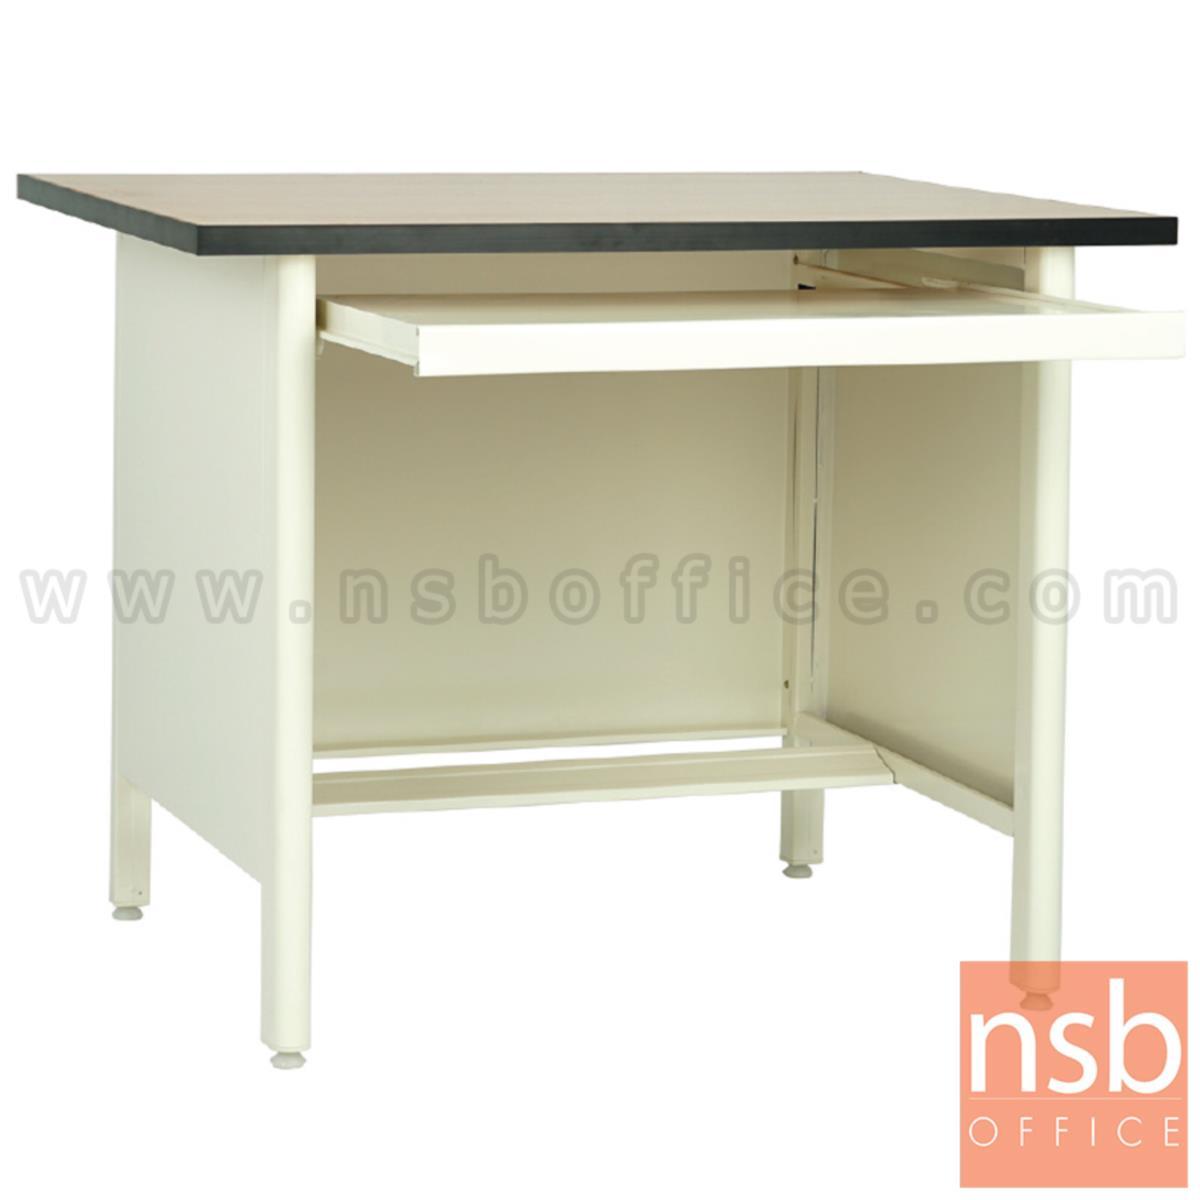 E07A053:โต๊ะคอมพิวเตอร์เหล็กหน้า TOP ไม้เมลามีน  3 ฟุต    พร้อมรางคีย์บอร์ด